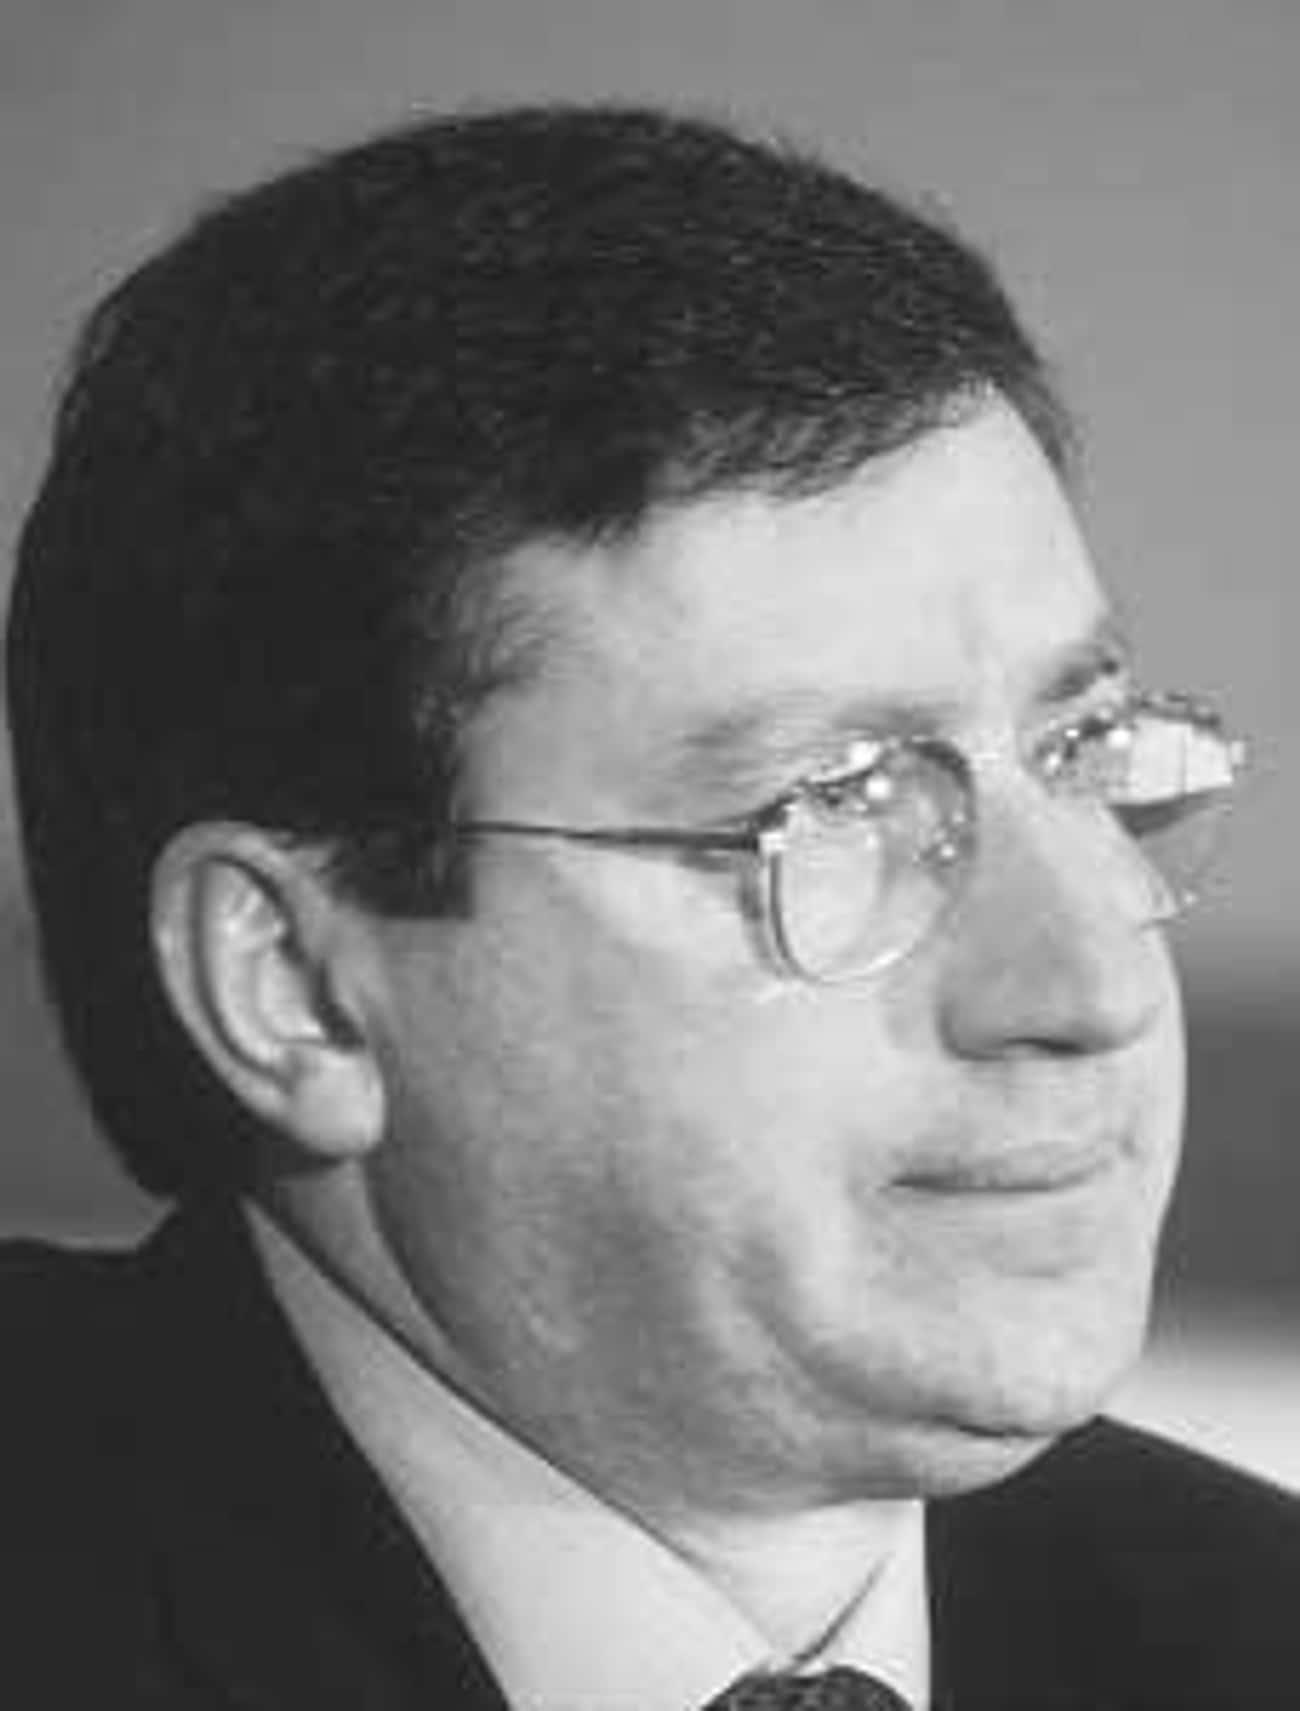 Louis C. Camilleri